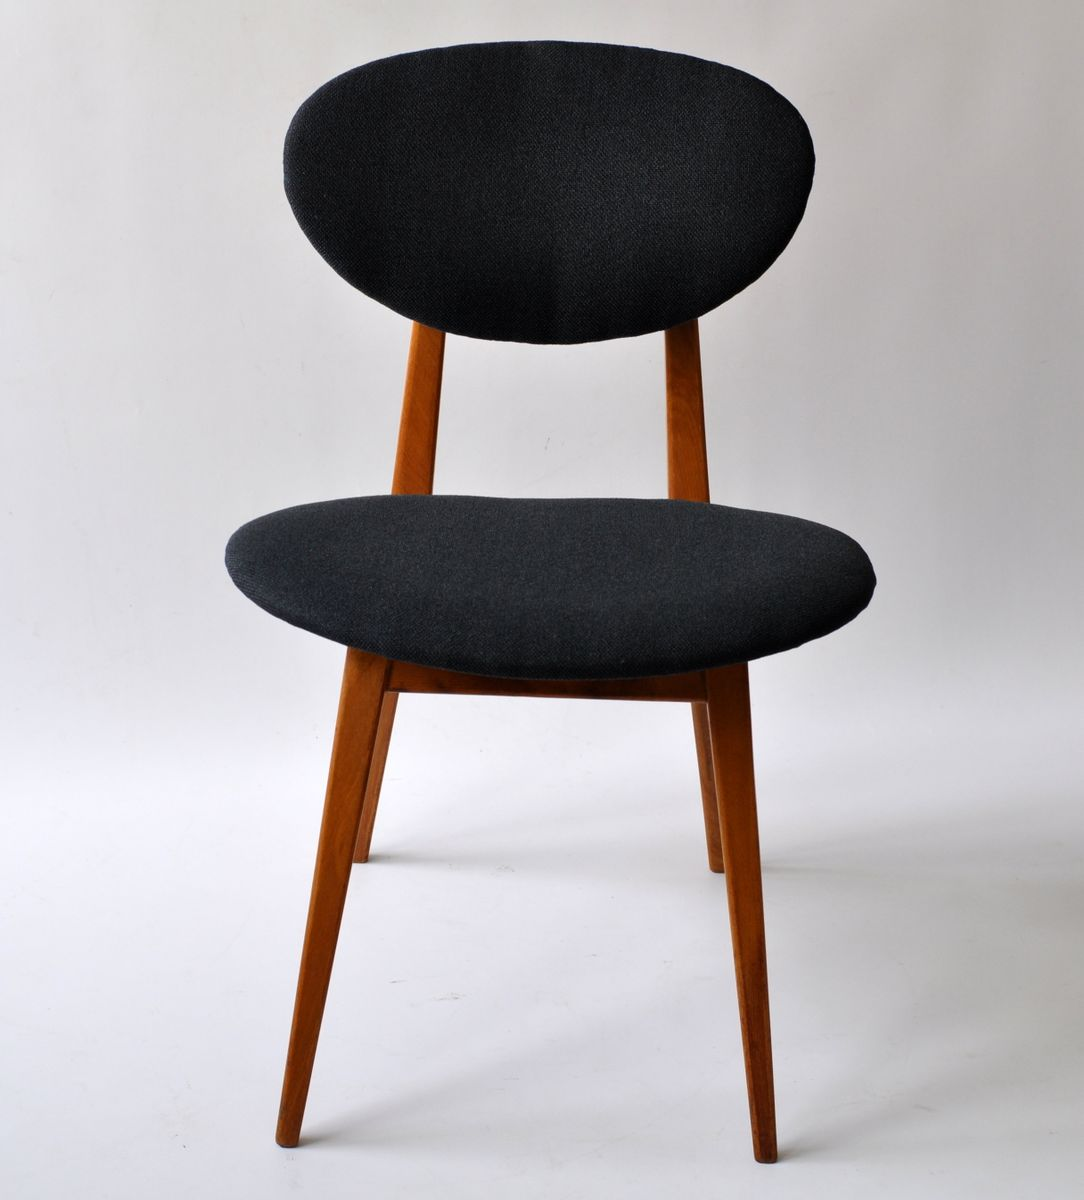 polnische st hle von juliusz k dziorek f r go cici skie fabryki mebli 1960er 2er set bei. Black Bedroom Furniture Sets. Home Design Ideas